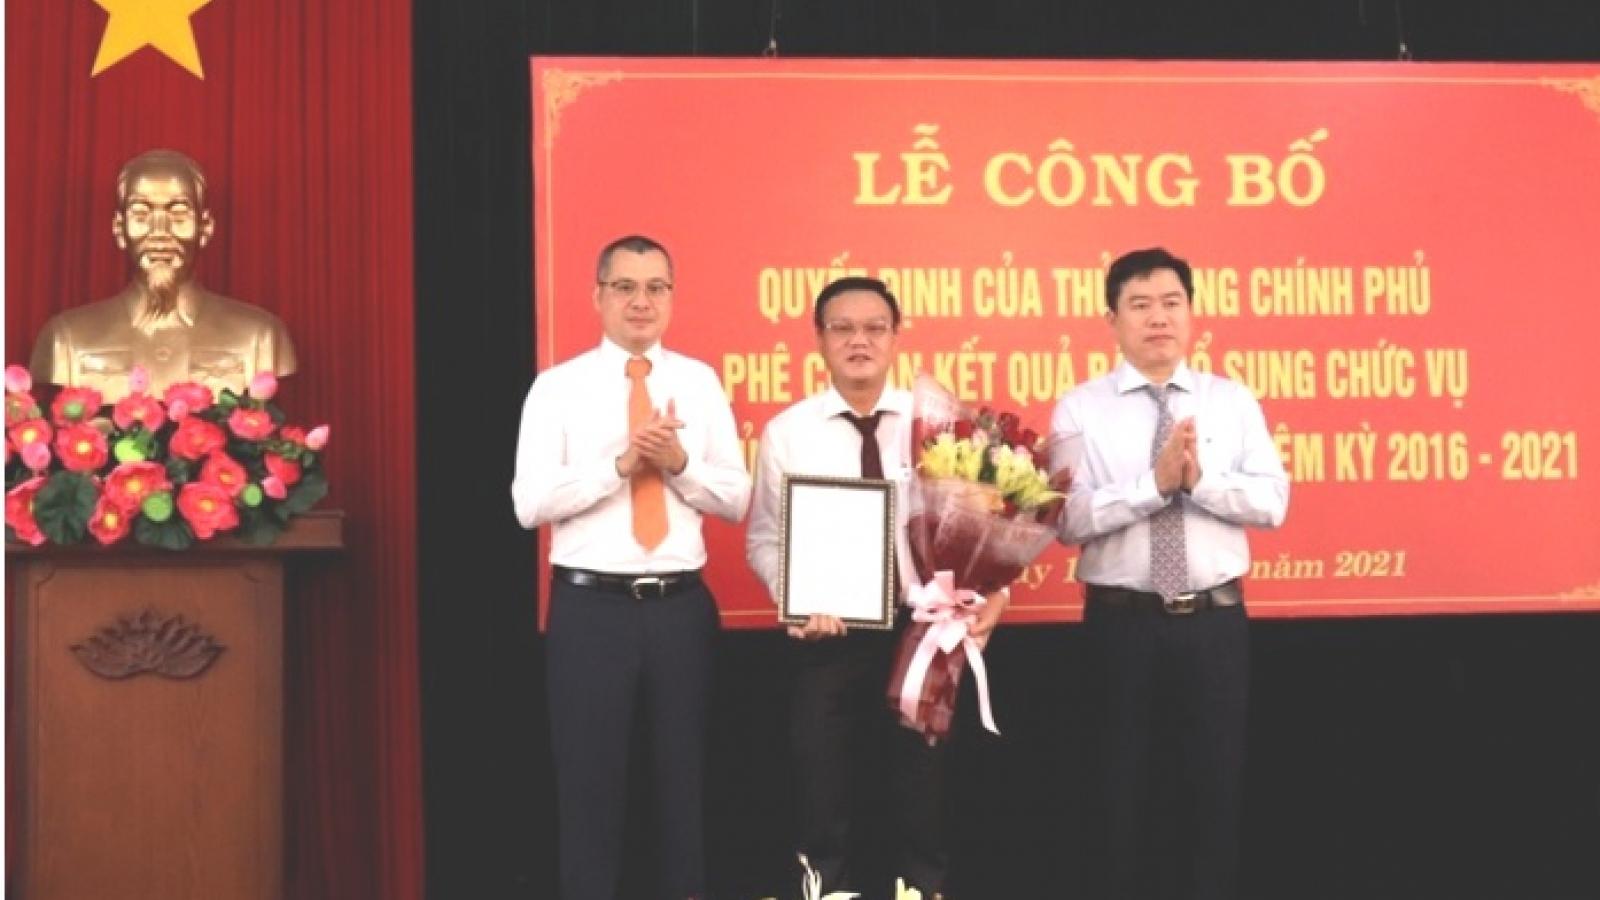 Ông Đào Mỹ làm Phó Chủ tịch UBND tỉnh Phú Yên